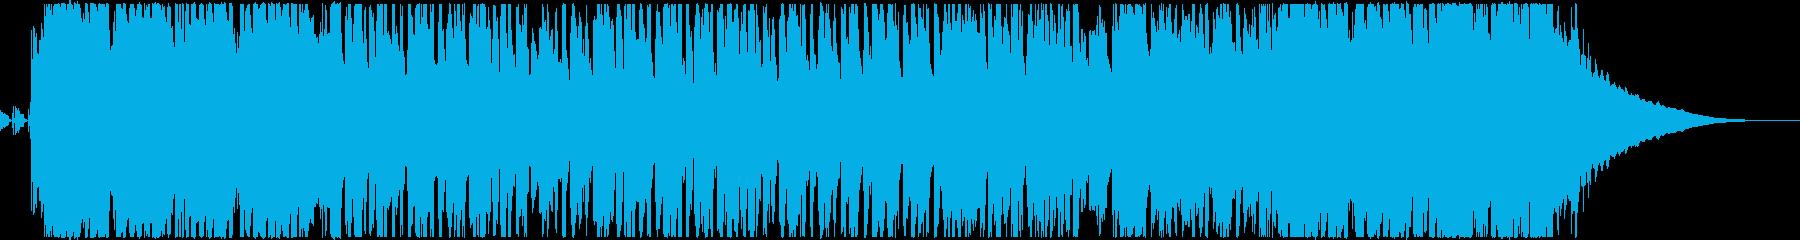 ♪深夜のJazzyなバーでワクワク密談♪の再生済みの波形